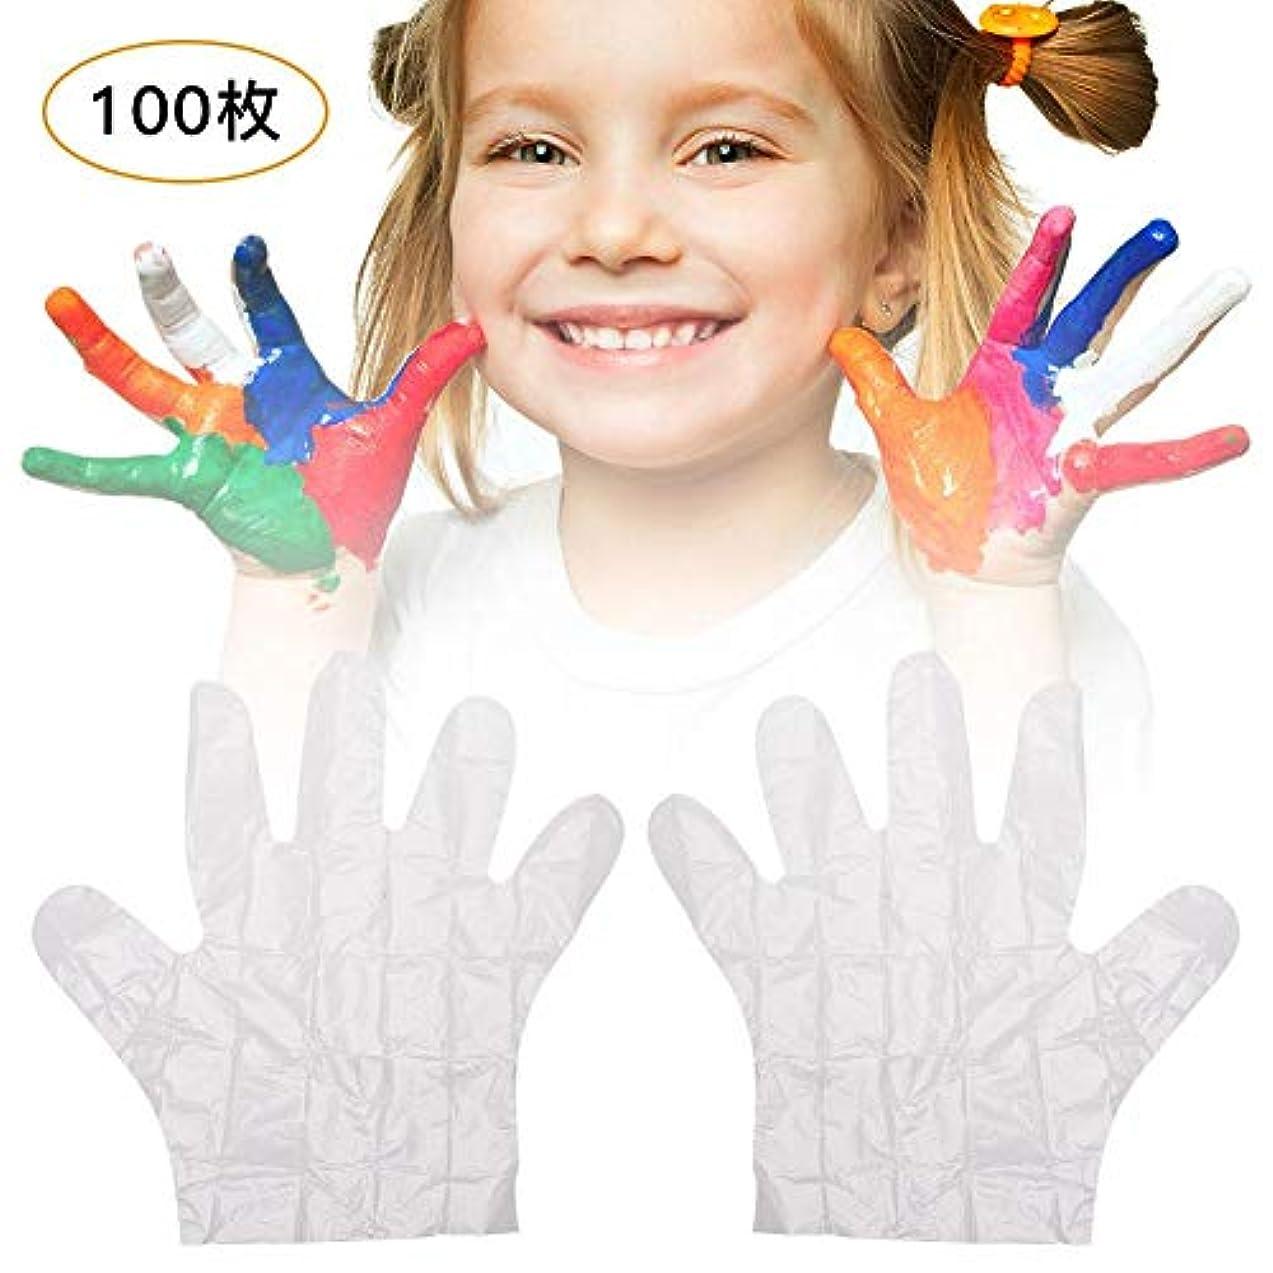 出席する不均一即席使い捨て手袋 子供用 極薄ビニール手袋 LUERME ポリエチレン 透明 実用 衛生 100枚/200枚セット 左右兼用